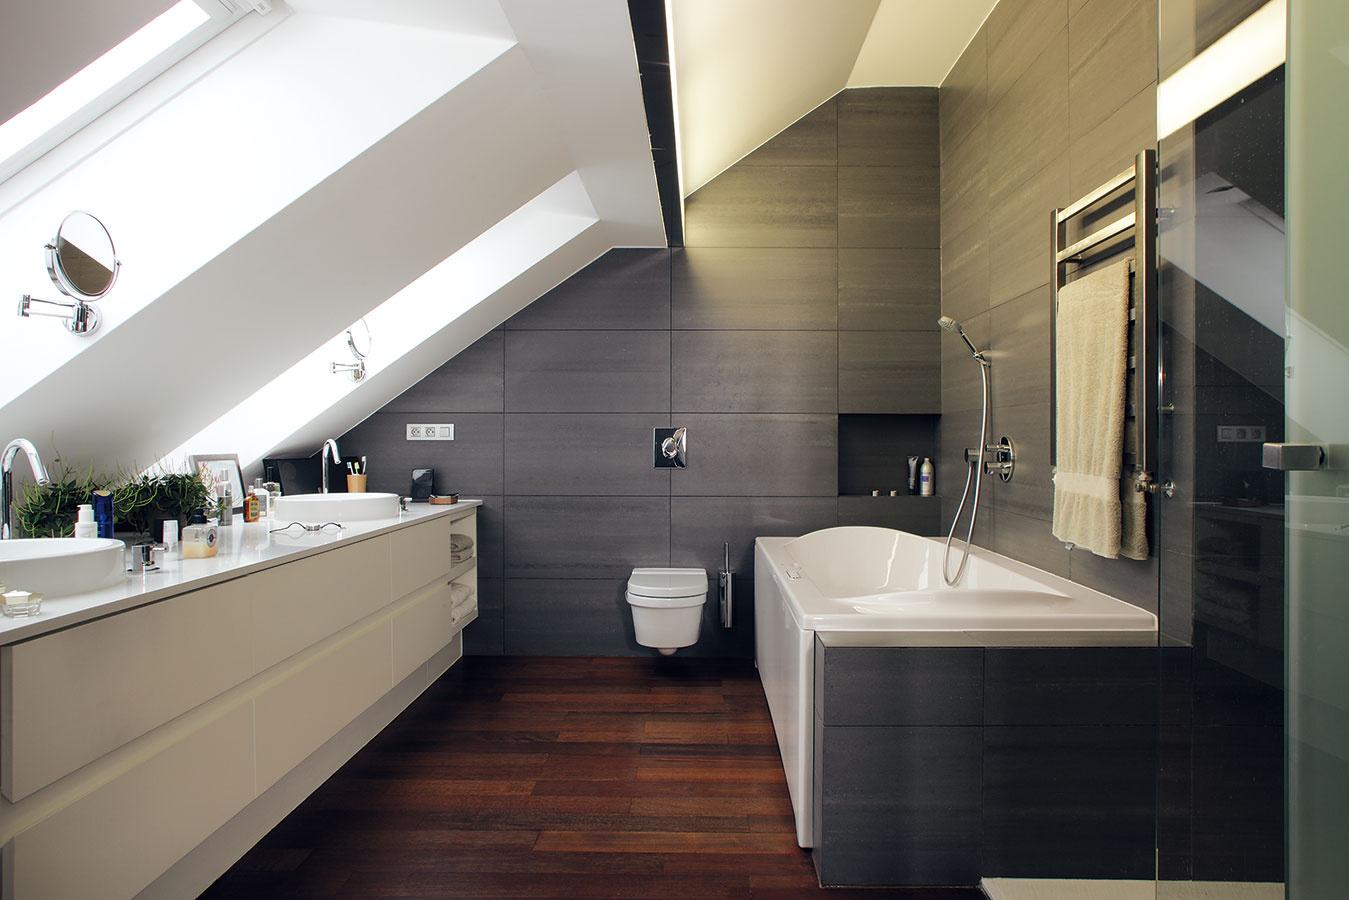 """Sivo-bielu kombináciu na drevenom """"základe"""" nájdeme ivrodičovskej kúpeľni. Poskytuje skutočne kráľovské pohodlie: dve umývadlá, veľkú vaňu aj sprchovací kút."""